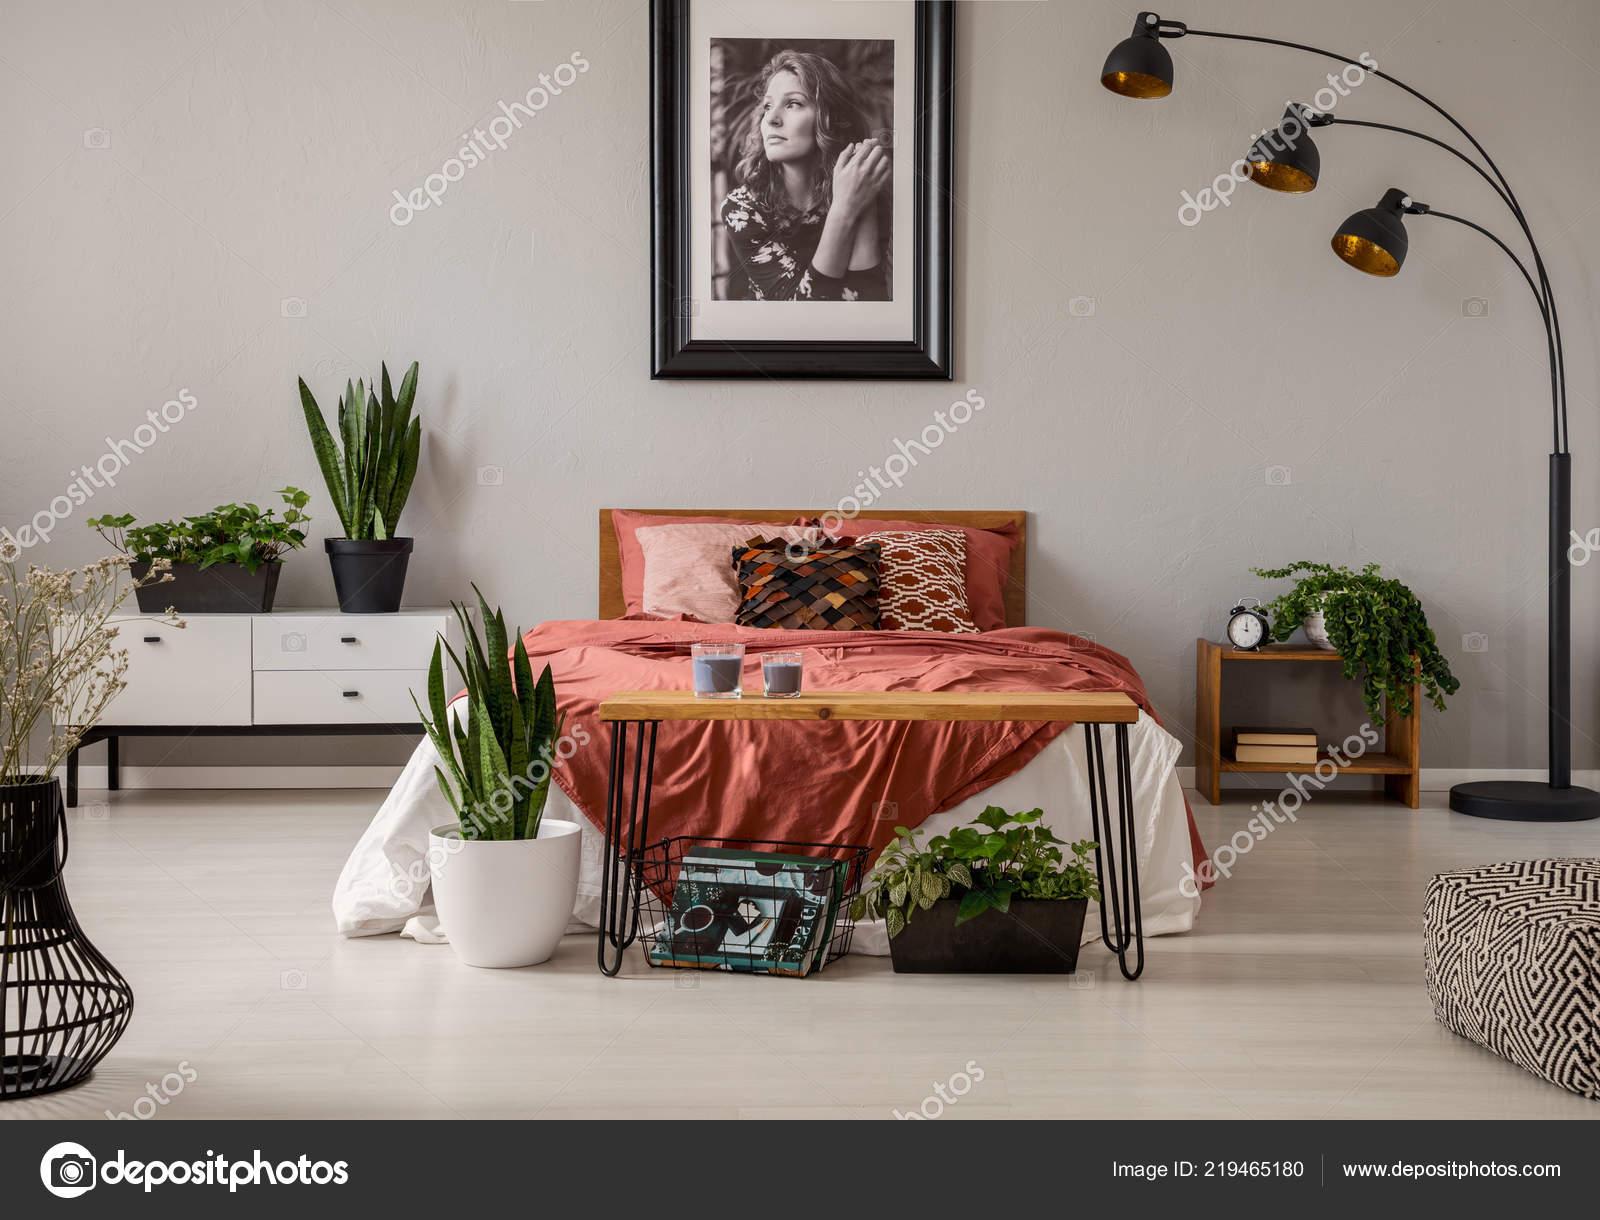 Pflanzen Und Lampe Grau Schlafzimmer Innenraum Mit Poster ...